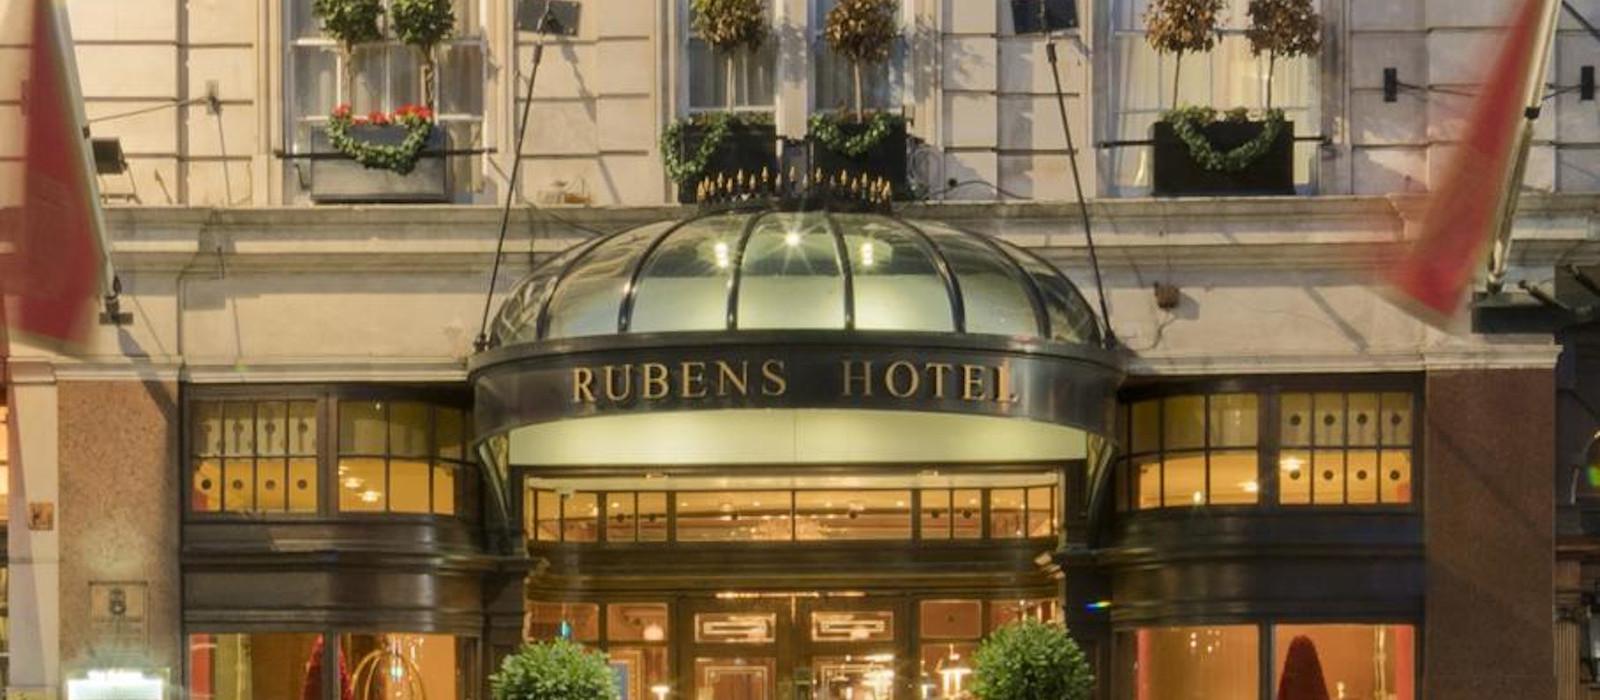 Hotel Rubens at the Palace UK & Ireland